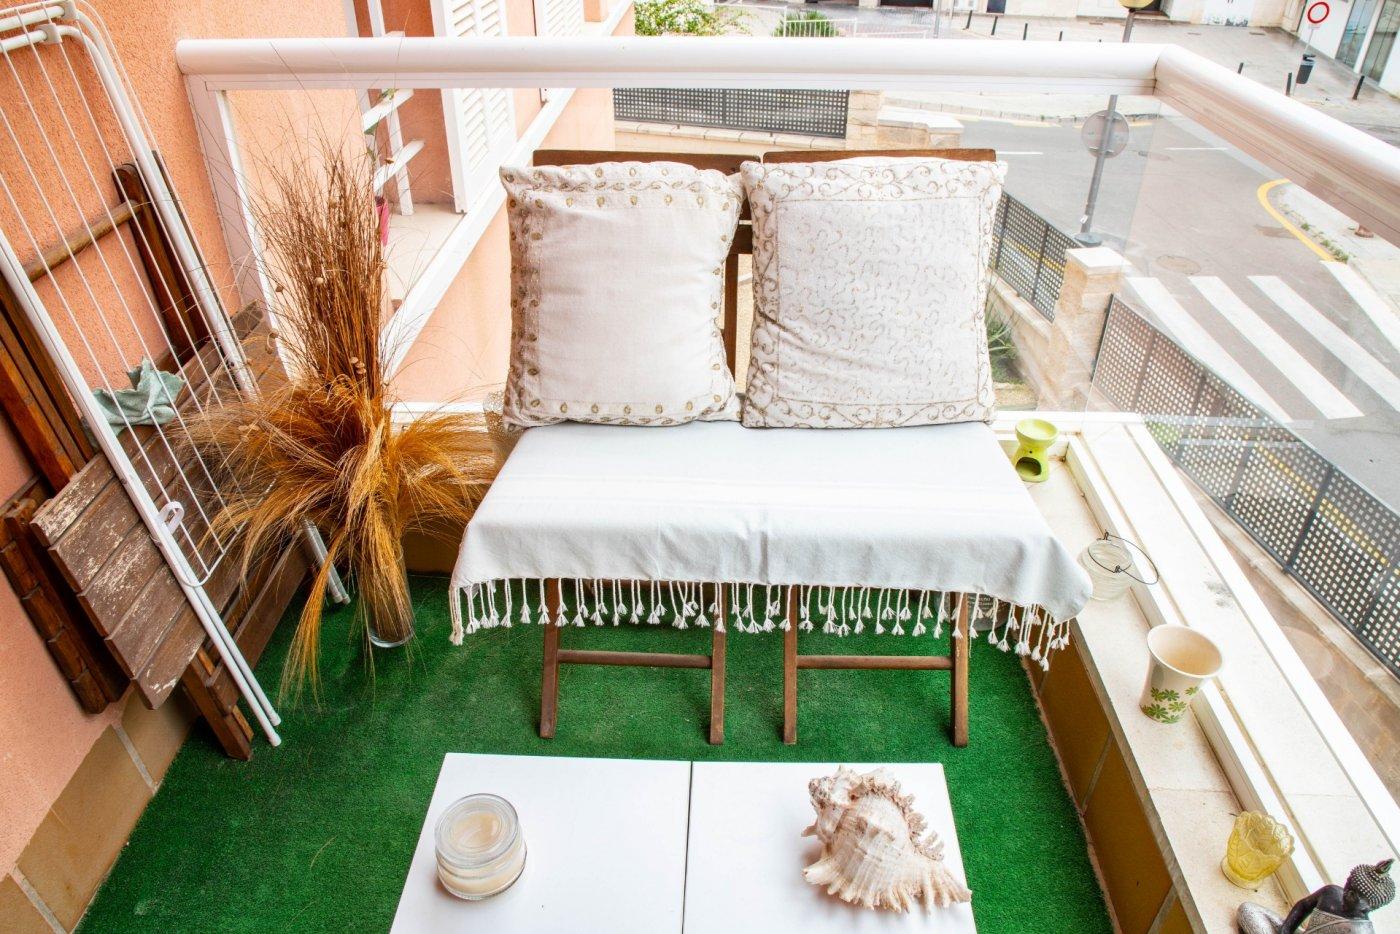 En venta espectacular piso en el terreno cerca al paseo maritimo - imagenInmueble26